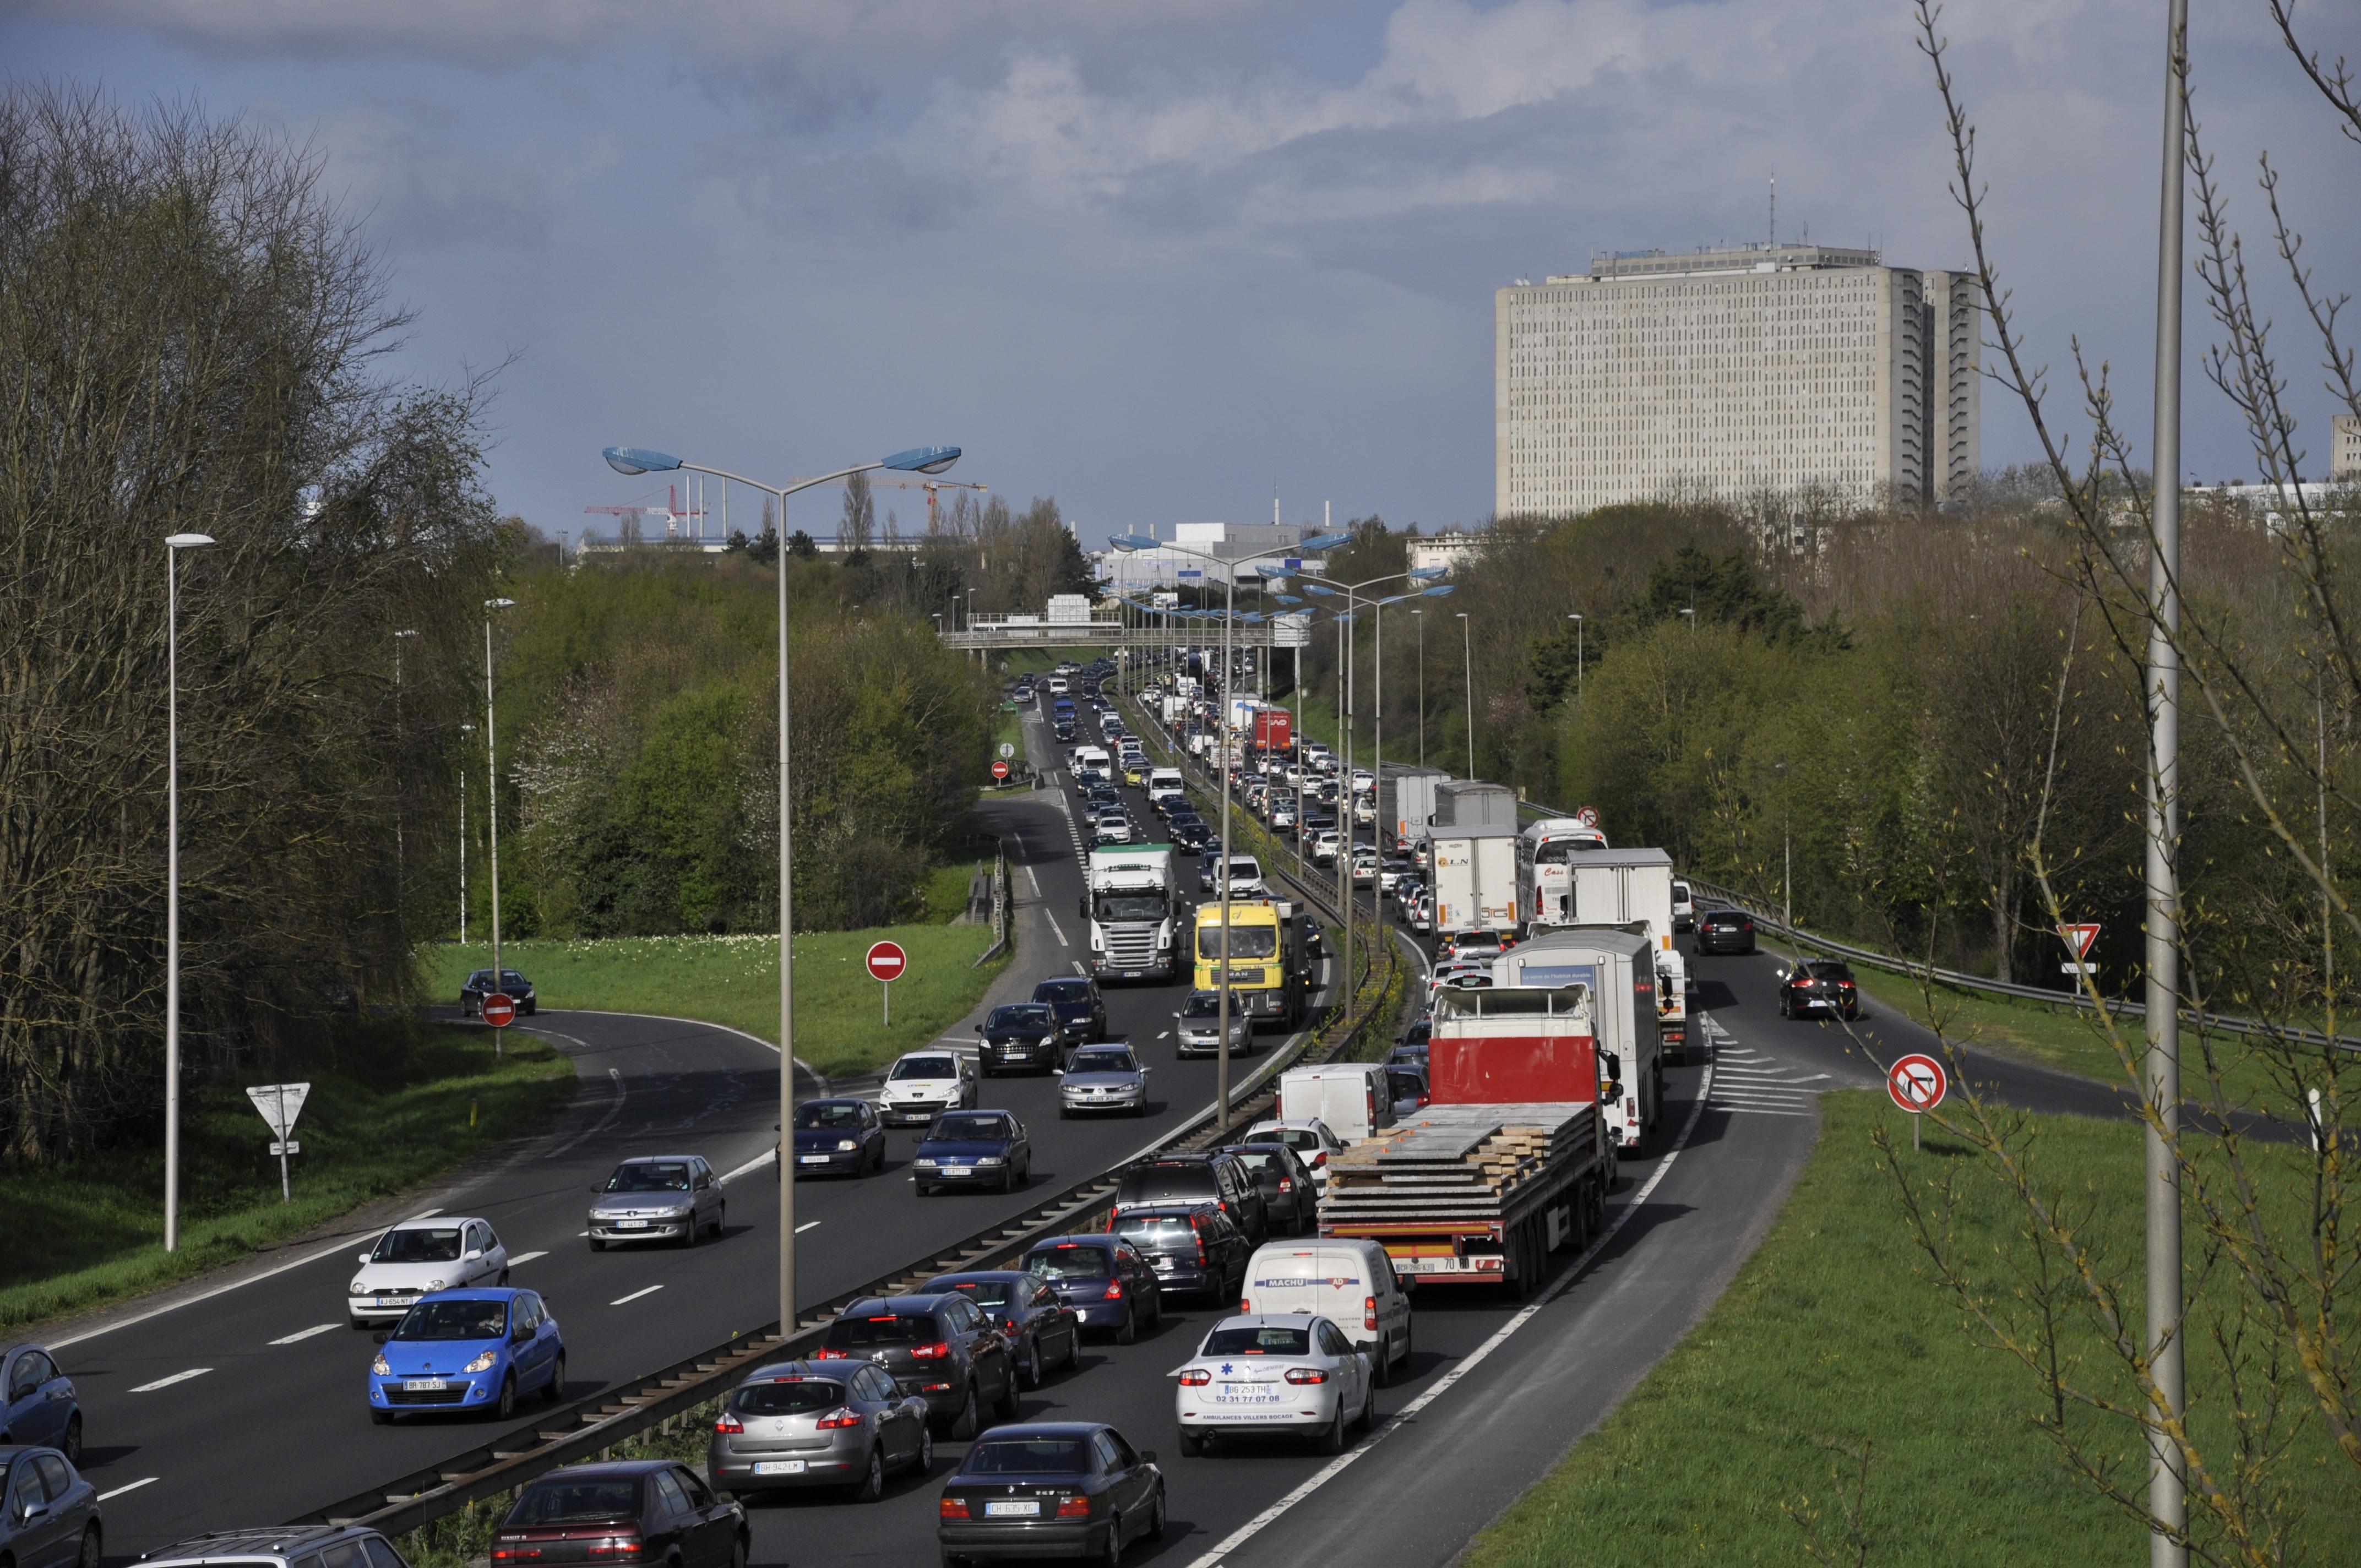 Boulevard Périphérique De Caen Wikipédia